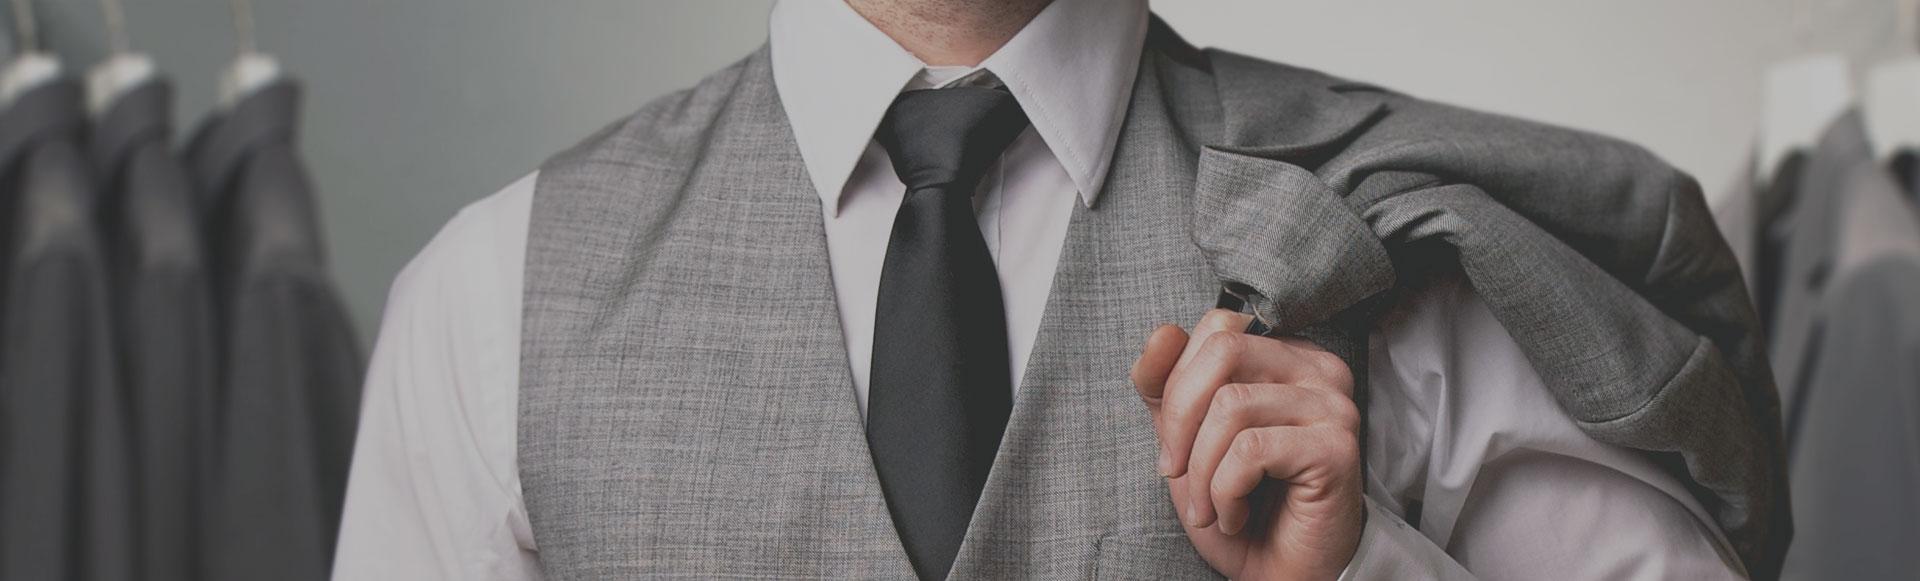 avocat malpraxis